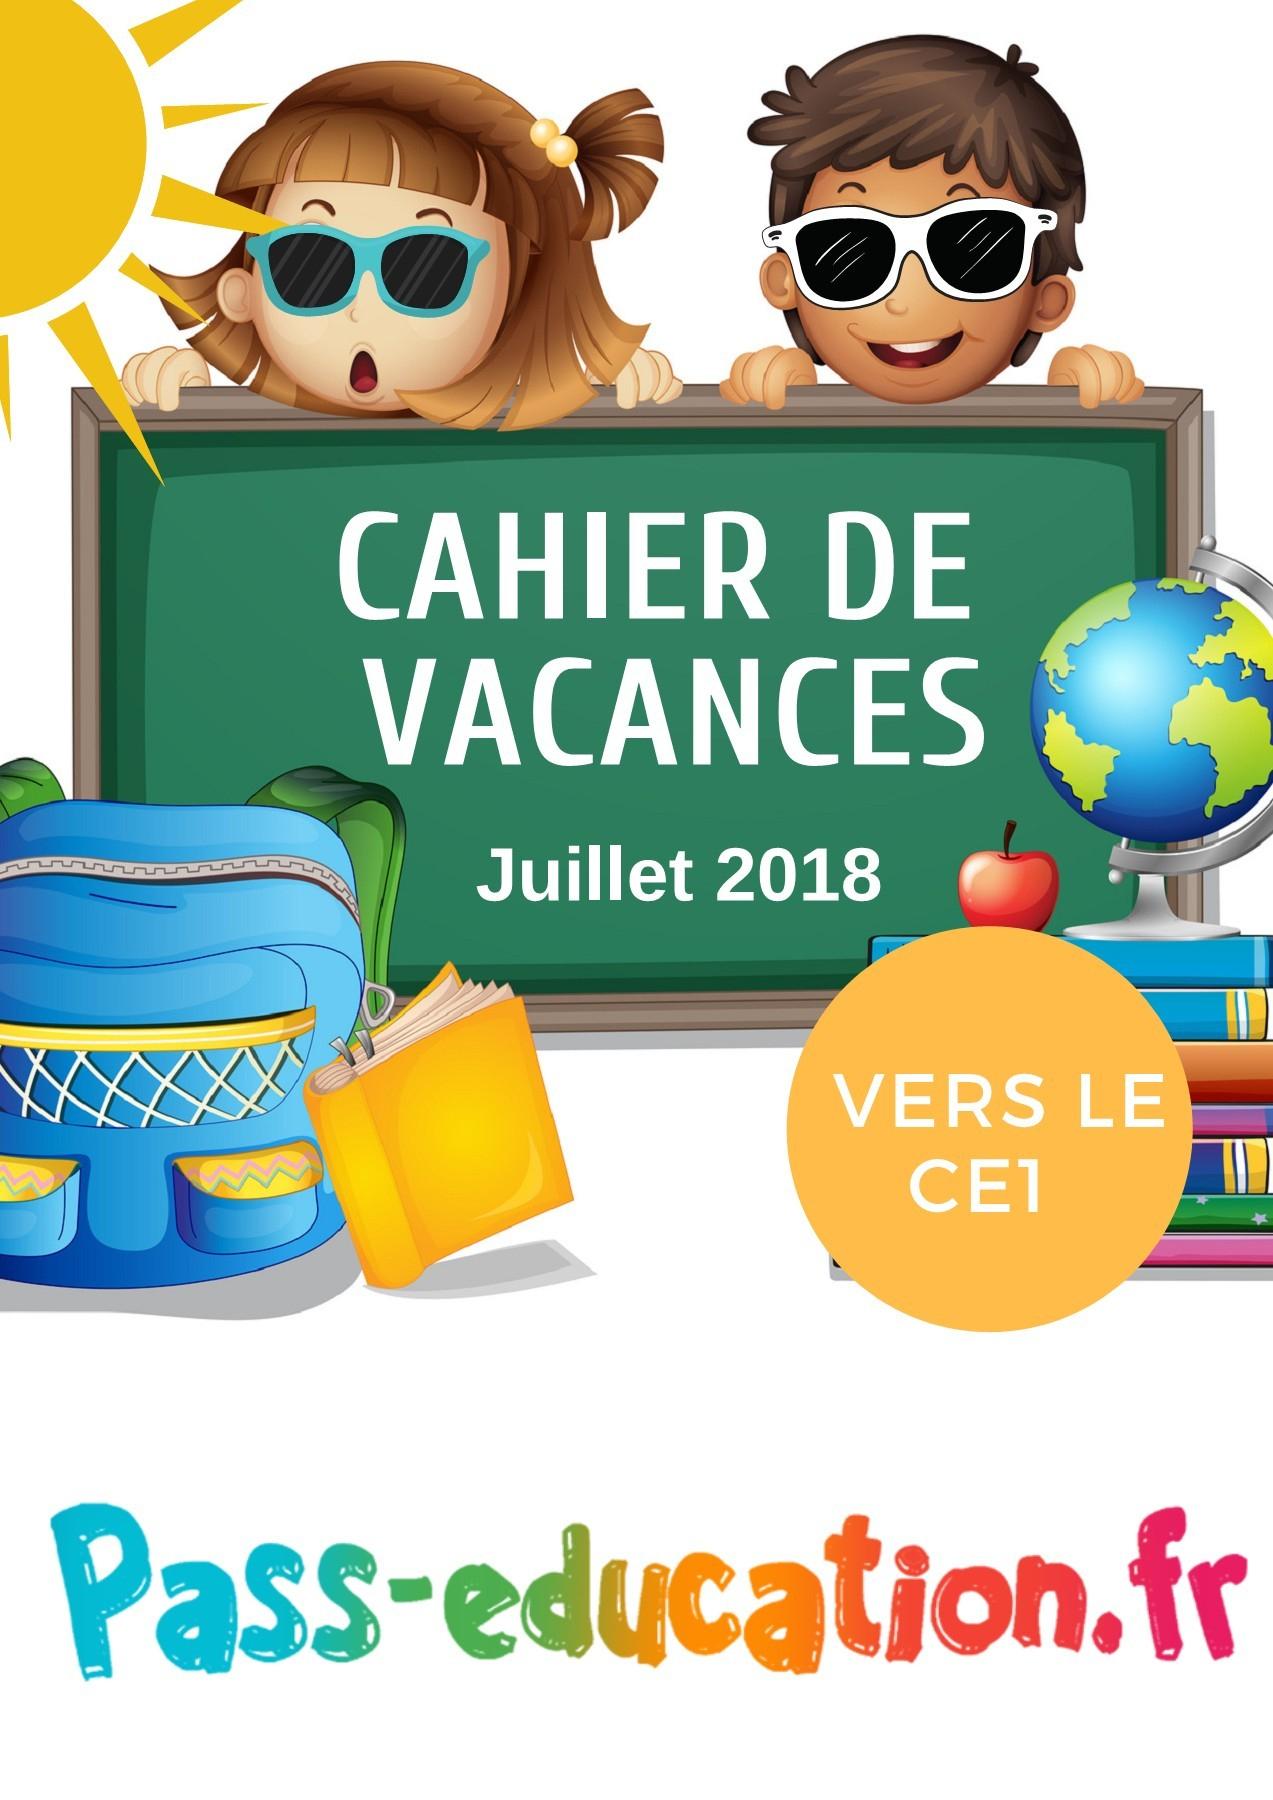 Cahier De Vacances Gratuit À Imprimer - Cp Vers Le Ce1 - Juillet concernant Carnet De Vacances À Imprimer